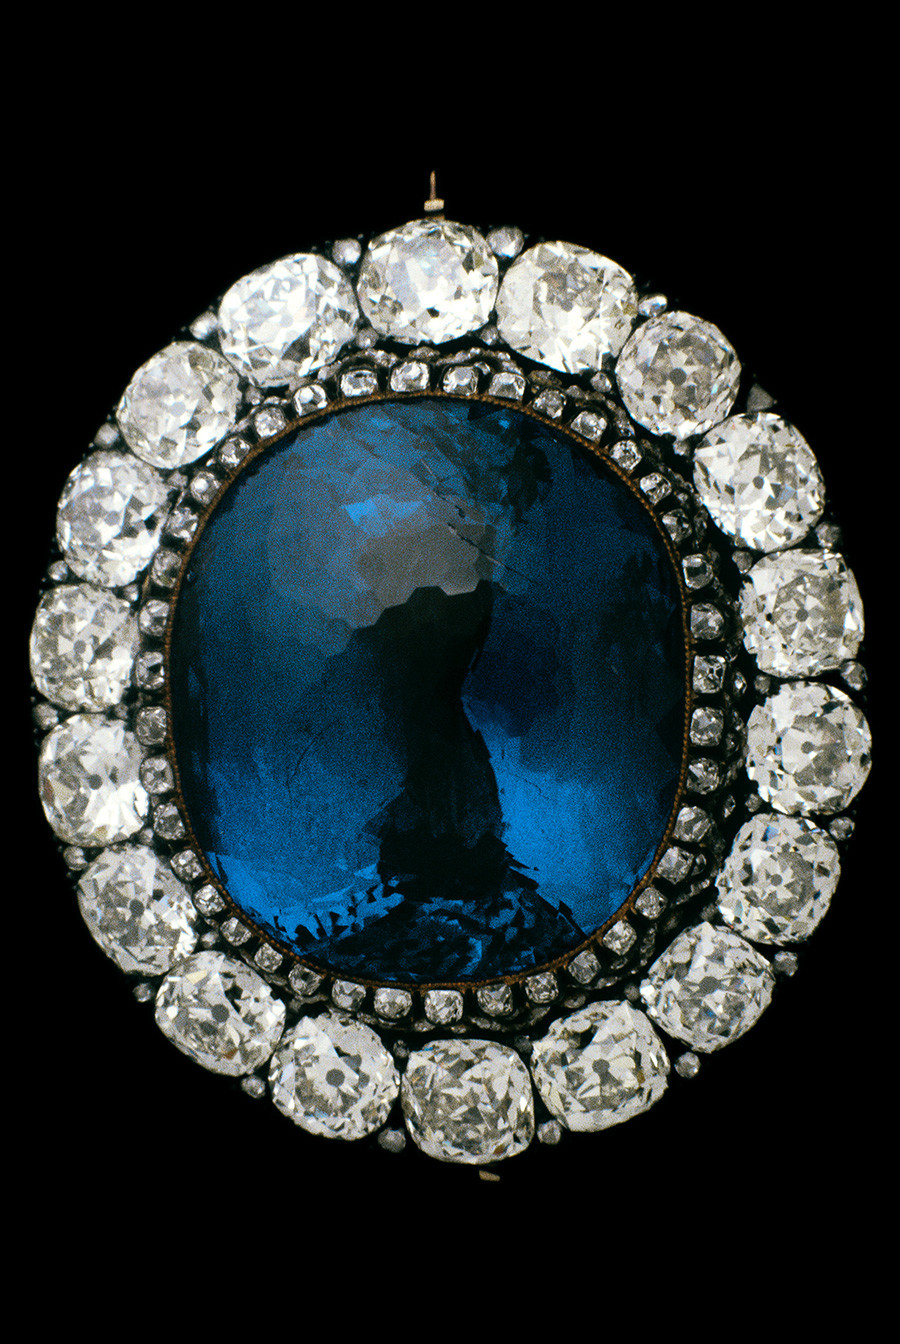 Сафир различак плаве боје из Шри Ланке из Дијамантског фонда РФ. Цејлонски сафир од 260,37 карата смештен у рам од брилијаната. По лепоти и дубини тона, величини и префињеној обради овај драги камен спада међу најкрупније и најлепше у свету.